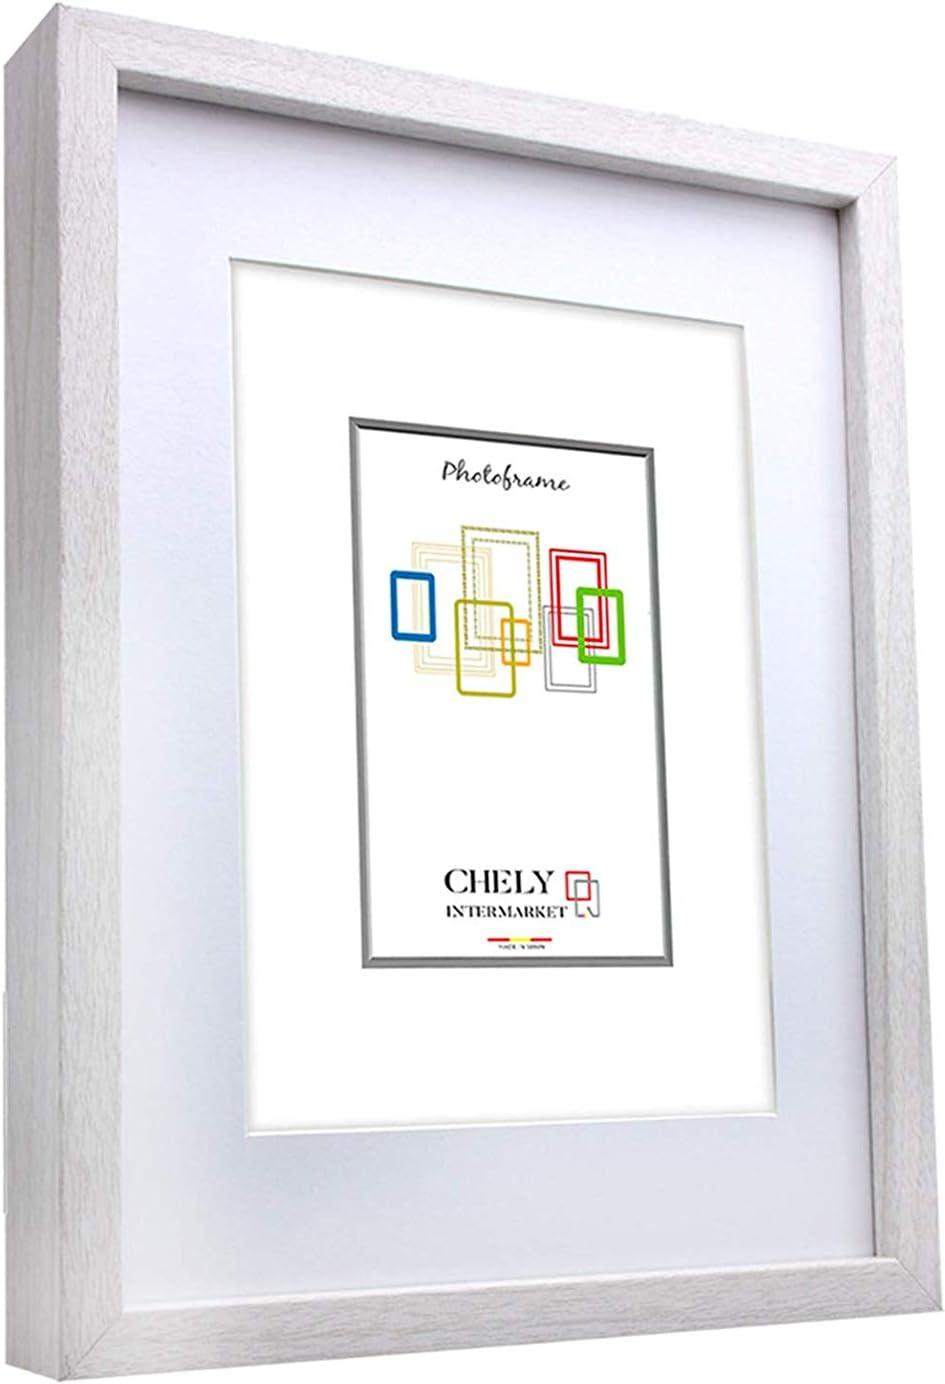 Chely Intermarket, Marco de Fotos 40x50cm (Medida Interior con paspartú 30x40cm) MOD-351 (Blanco) | El Marco Queda al Nivel de la Pared, diseño Elegante (351-40x50-2,25)